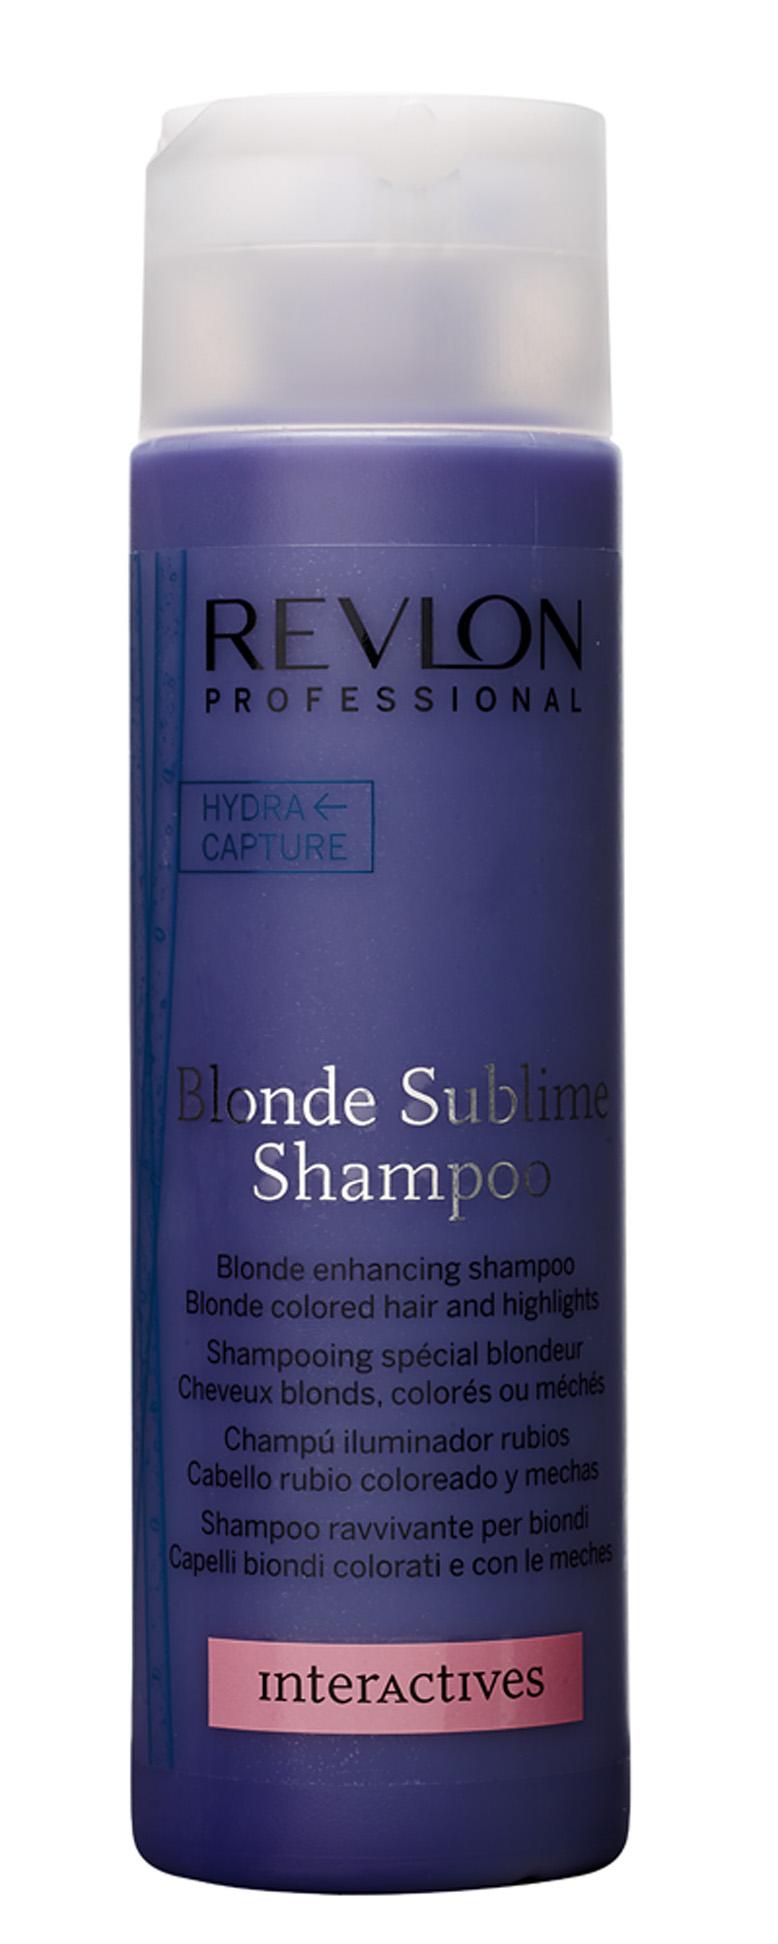 Blonde Sublime, R$ 54: realça a intensidade e a luminosidade da cor. Indicado para cabelos descoloridos, grisalhos e brancos. Revlon (11) 3052-1414